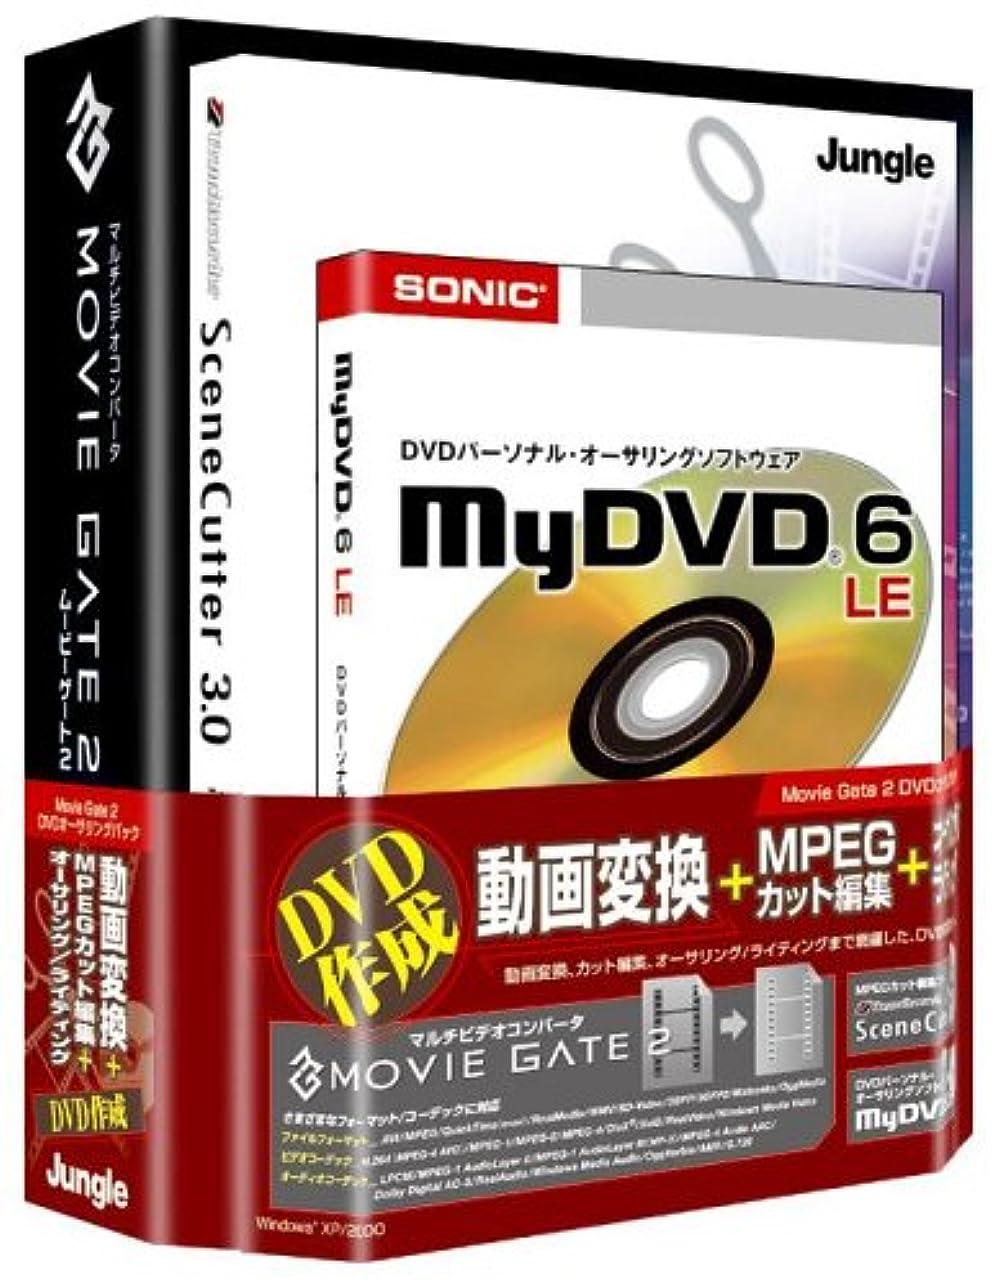 対応薄暗い雇用者Movie Gate 2 DVDオーサリングパック